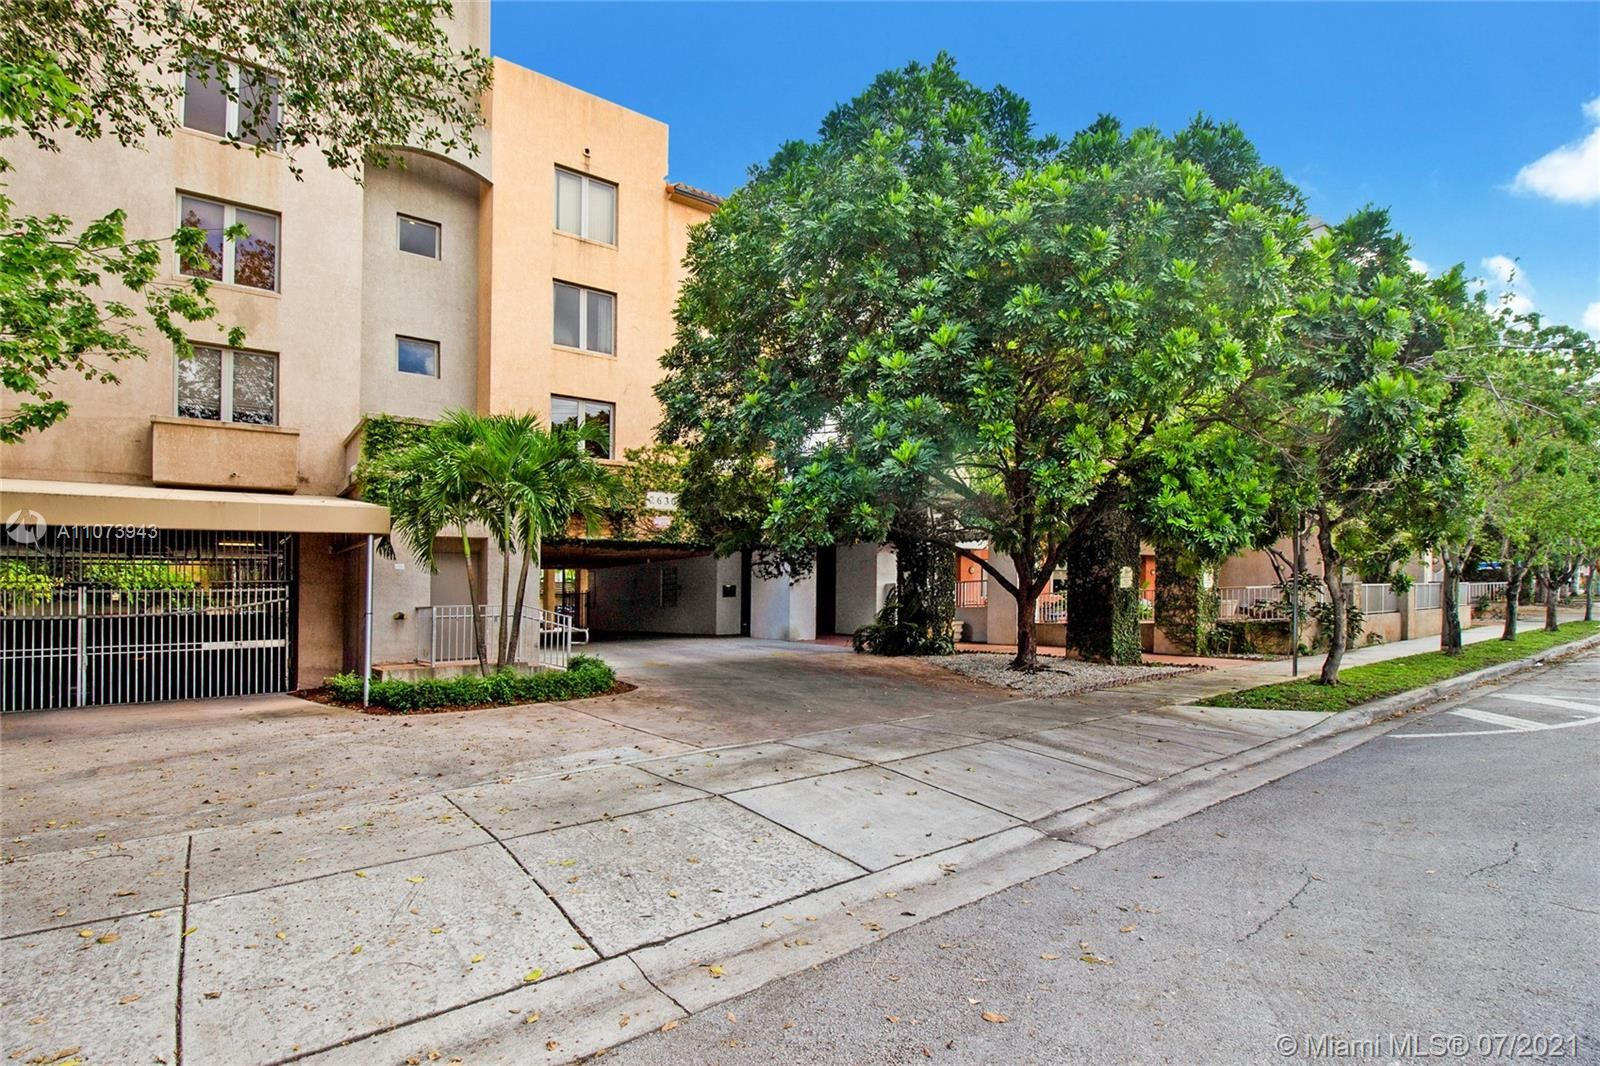 2630 SW 28th St #51, Miami, FL 33133 - #: A11073943